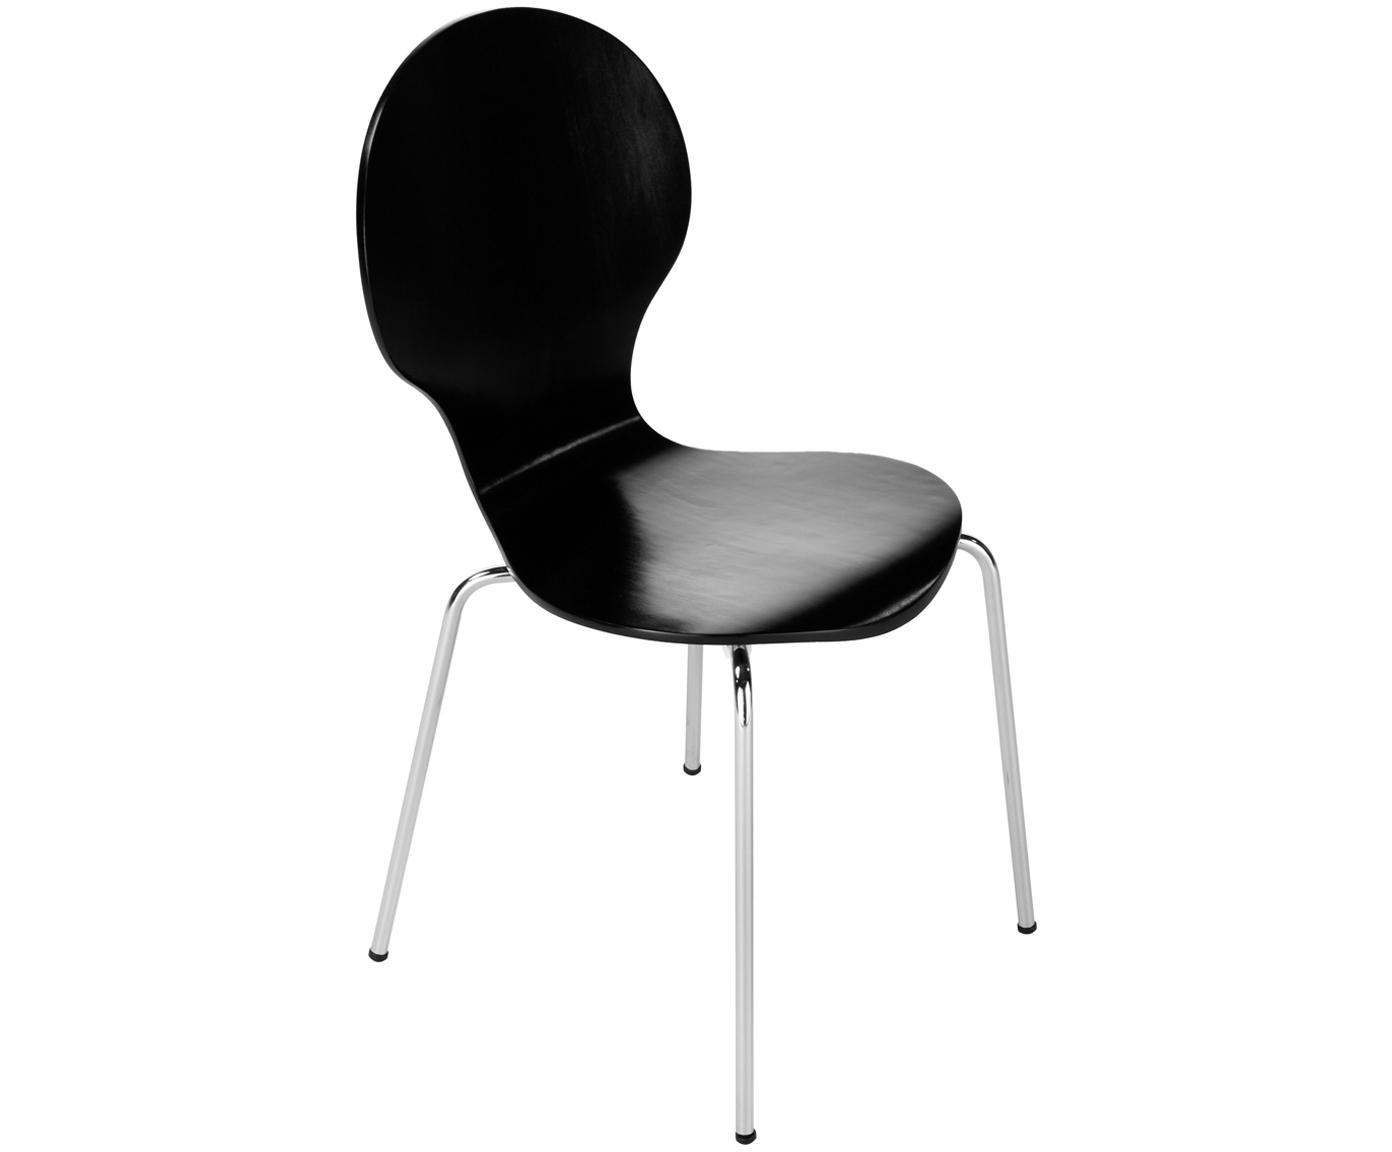 Krzesło Marcus, 4 szt., Nogi: stal chromowana, Czarny, S 49 x W 87 cm